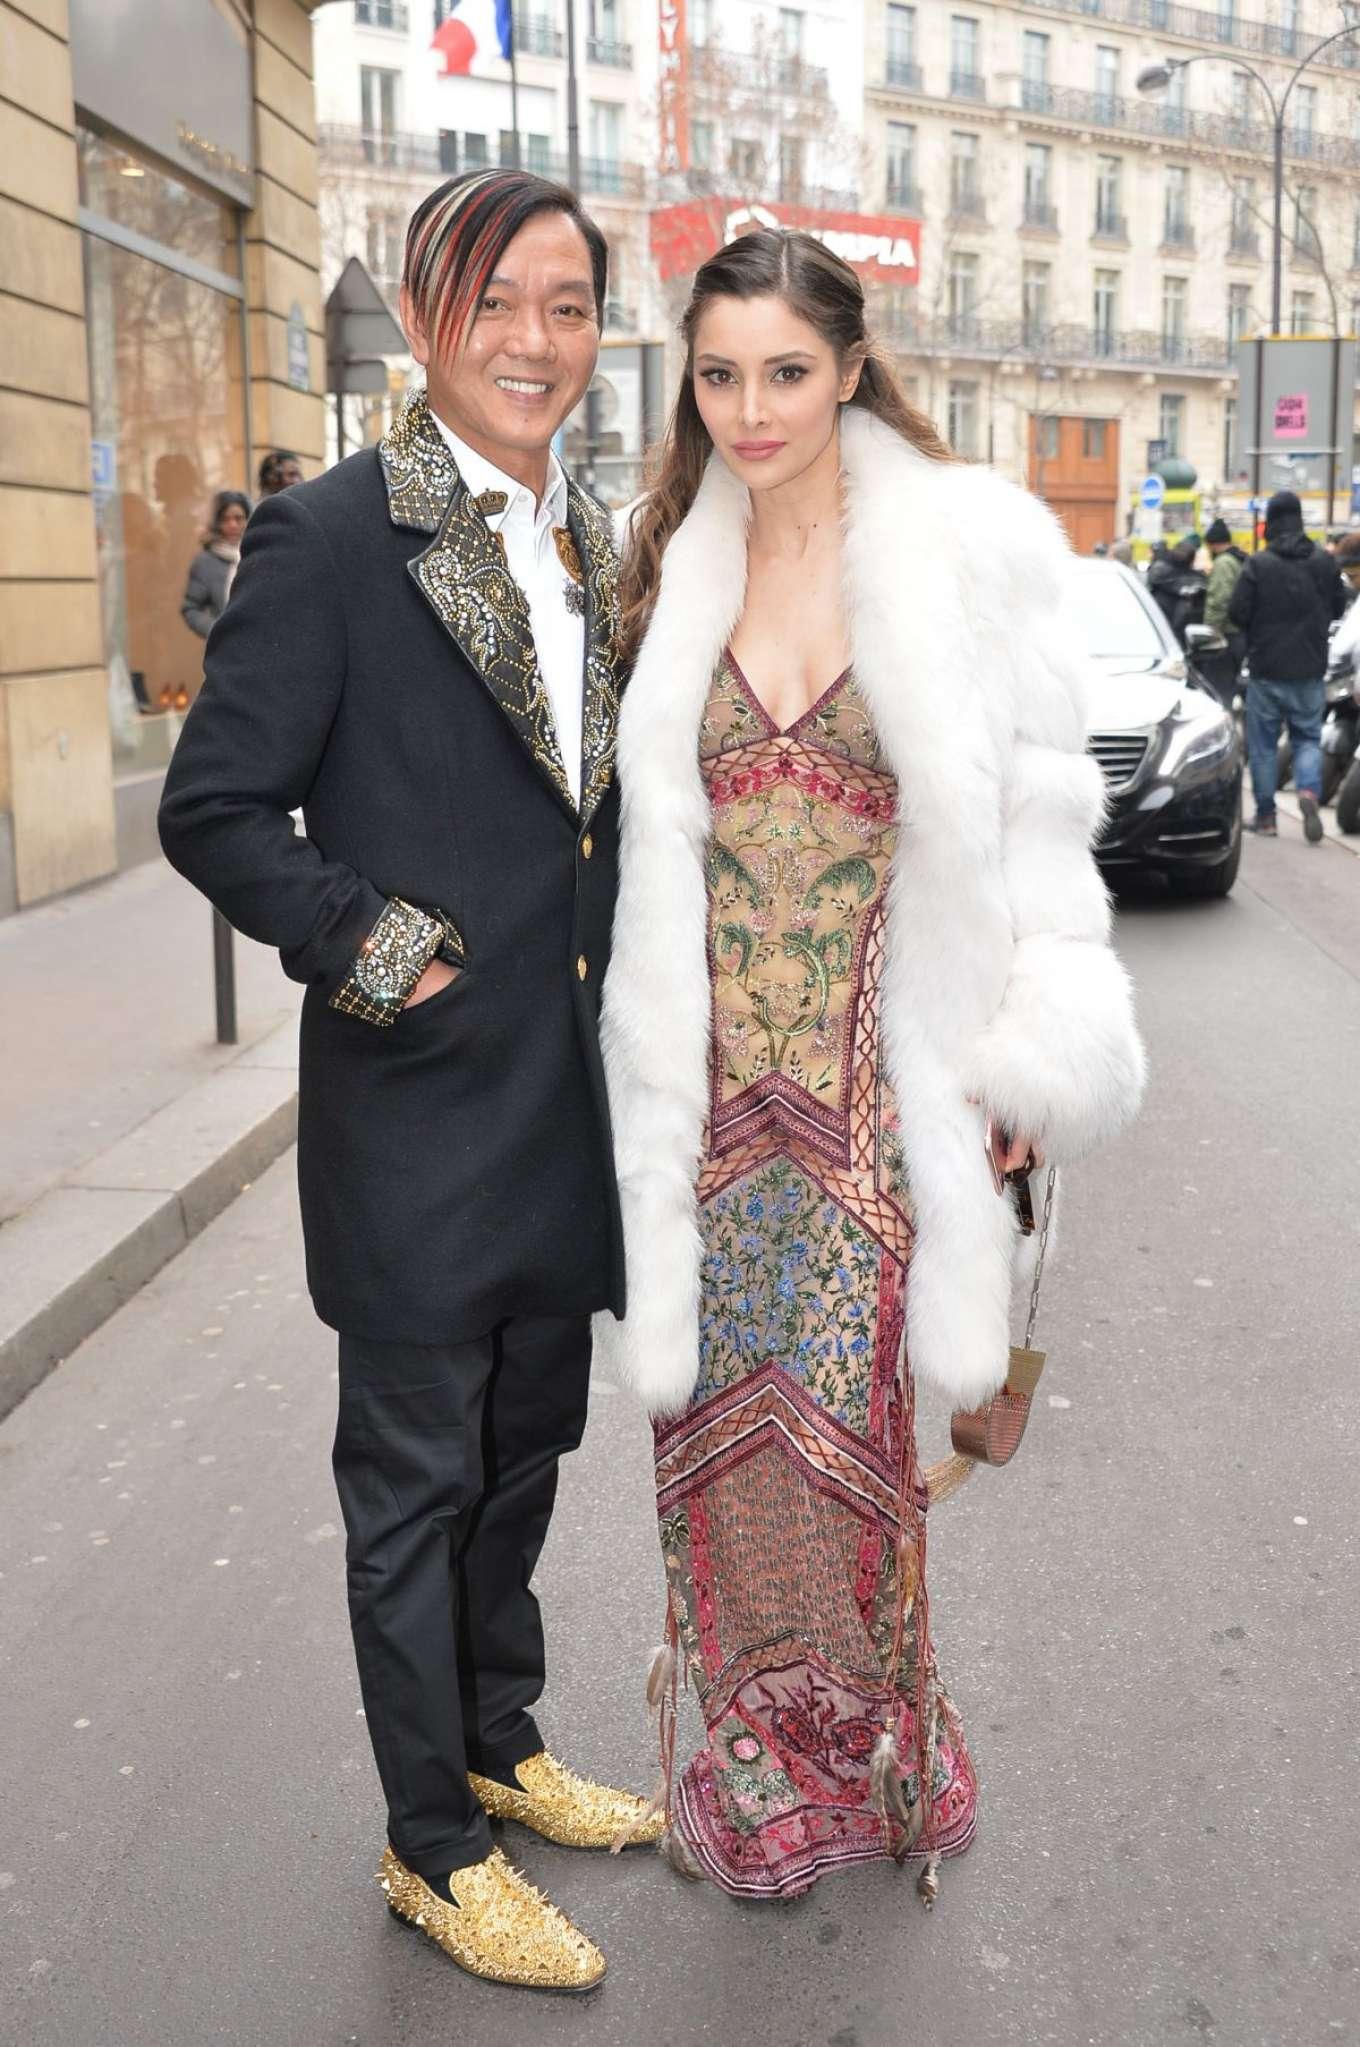 Deborah Valdez Hung: Jean-Paul Gaultier Fashion Show 2017 -03 ...